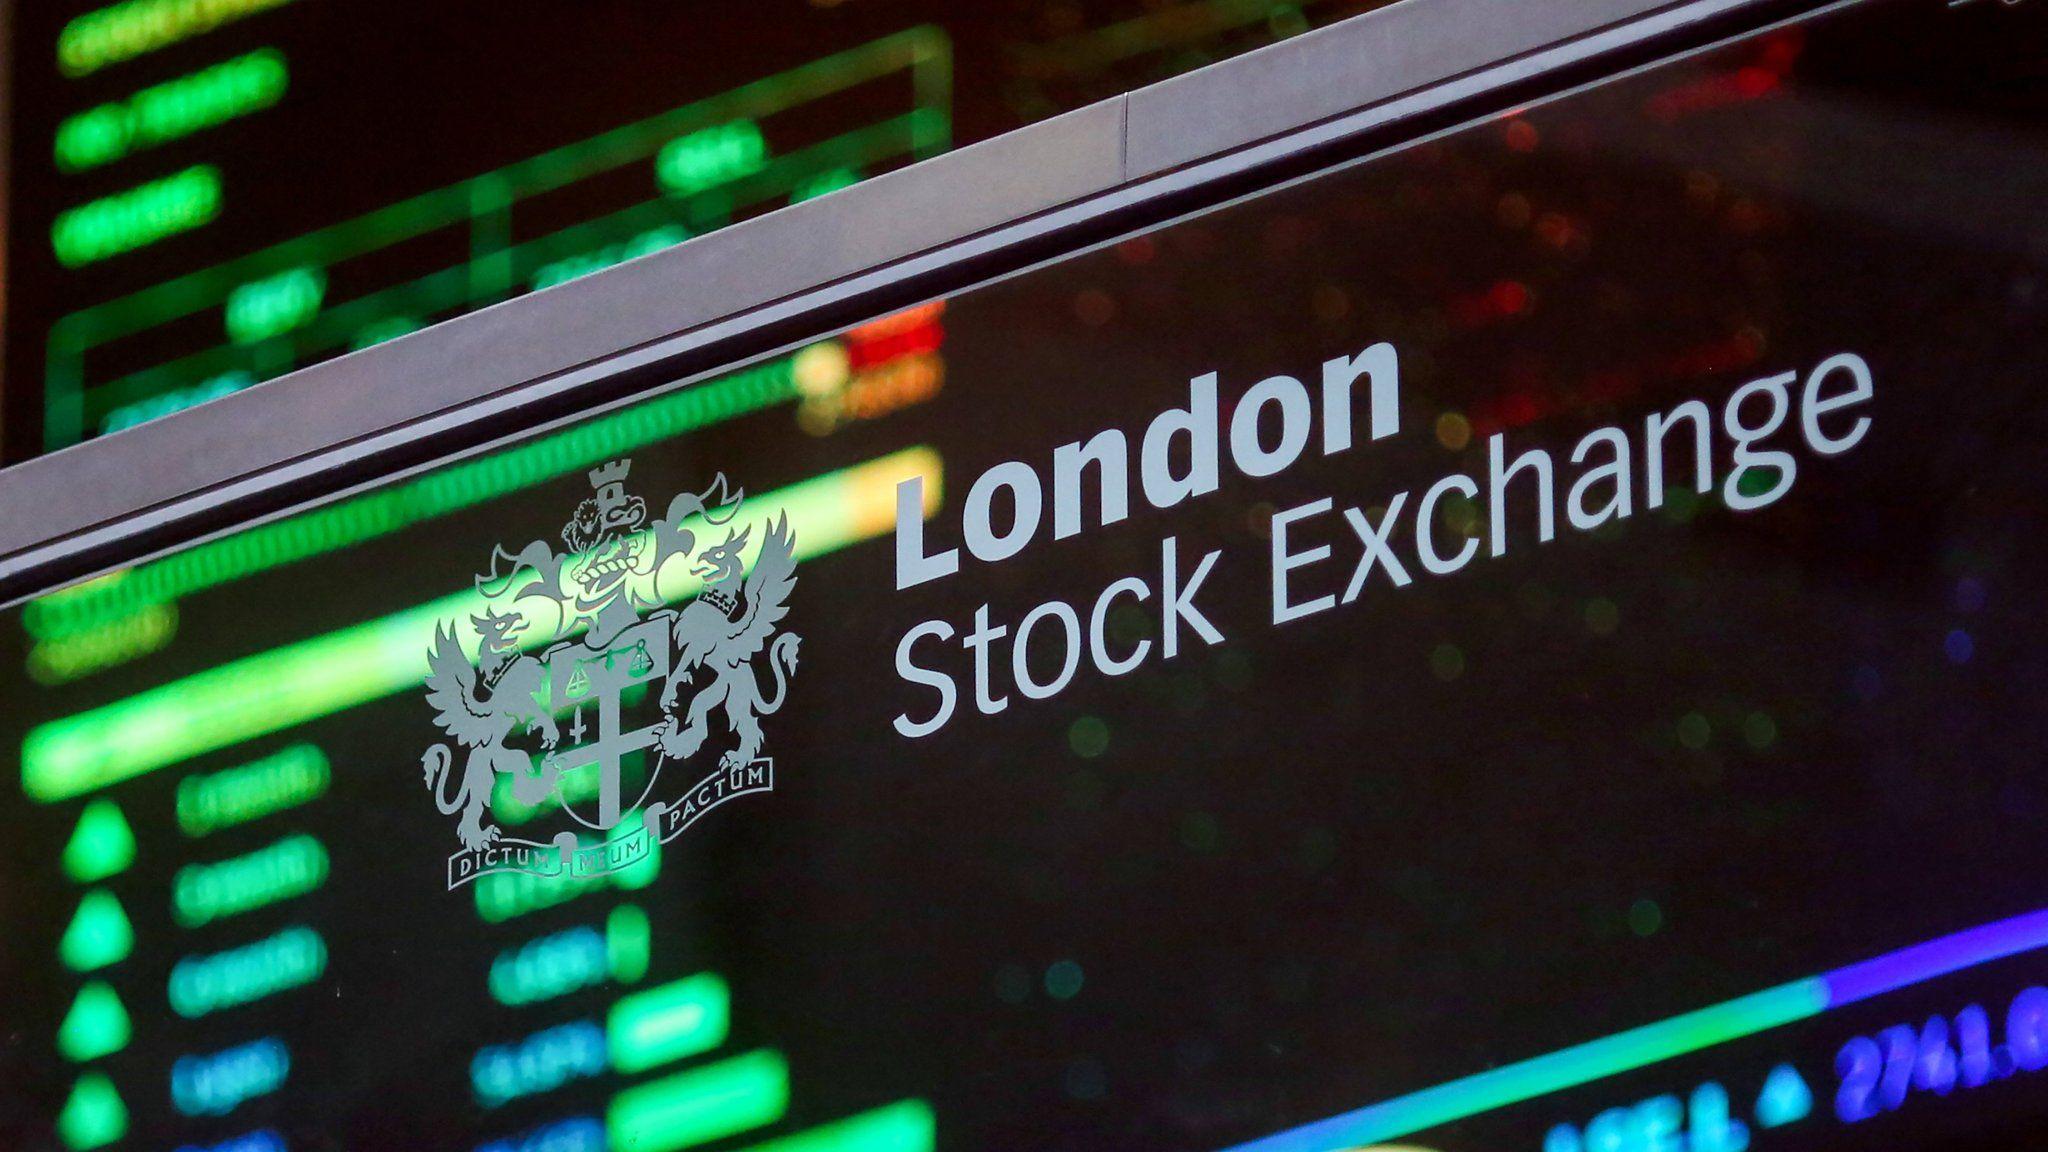 The London Stock Exchange. London stock exchange, Stock